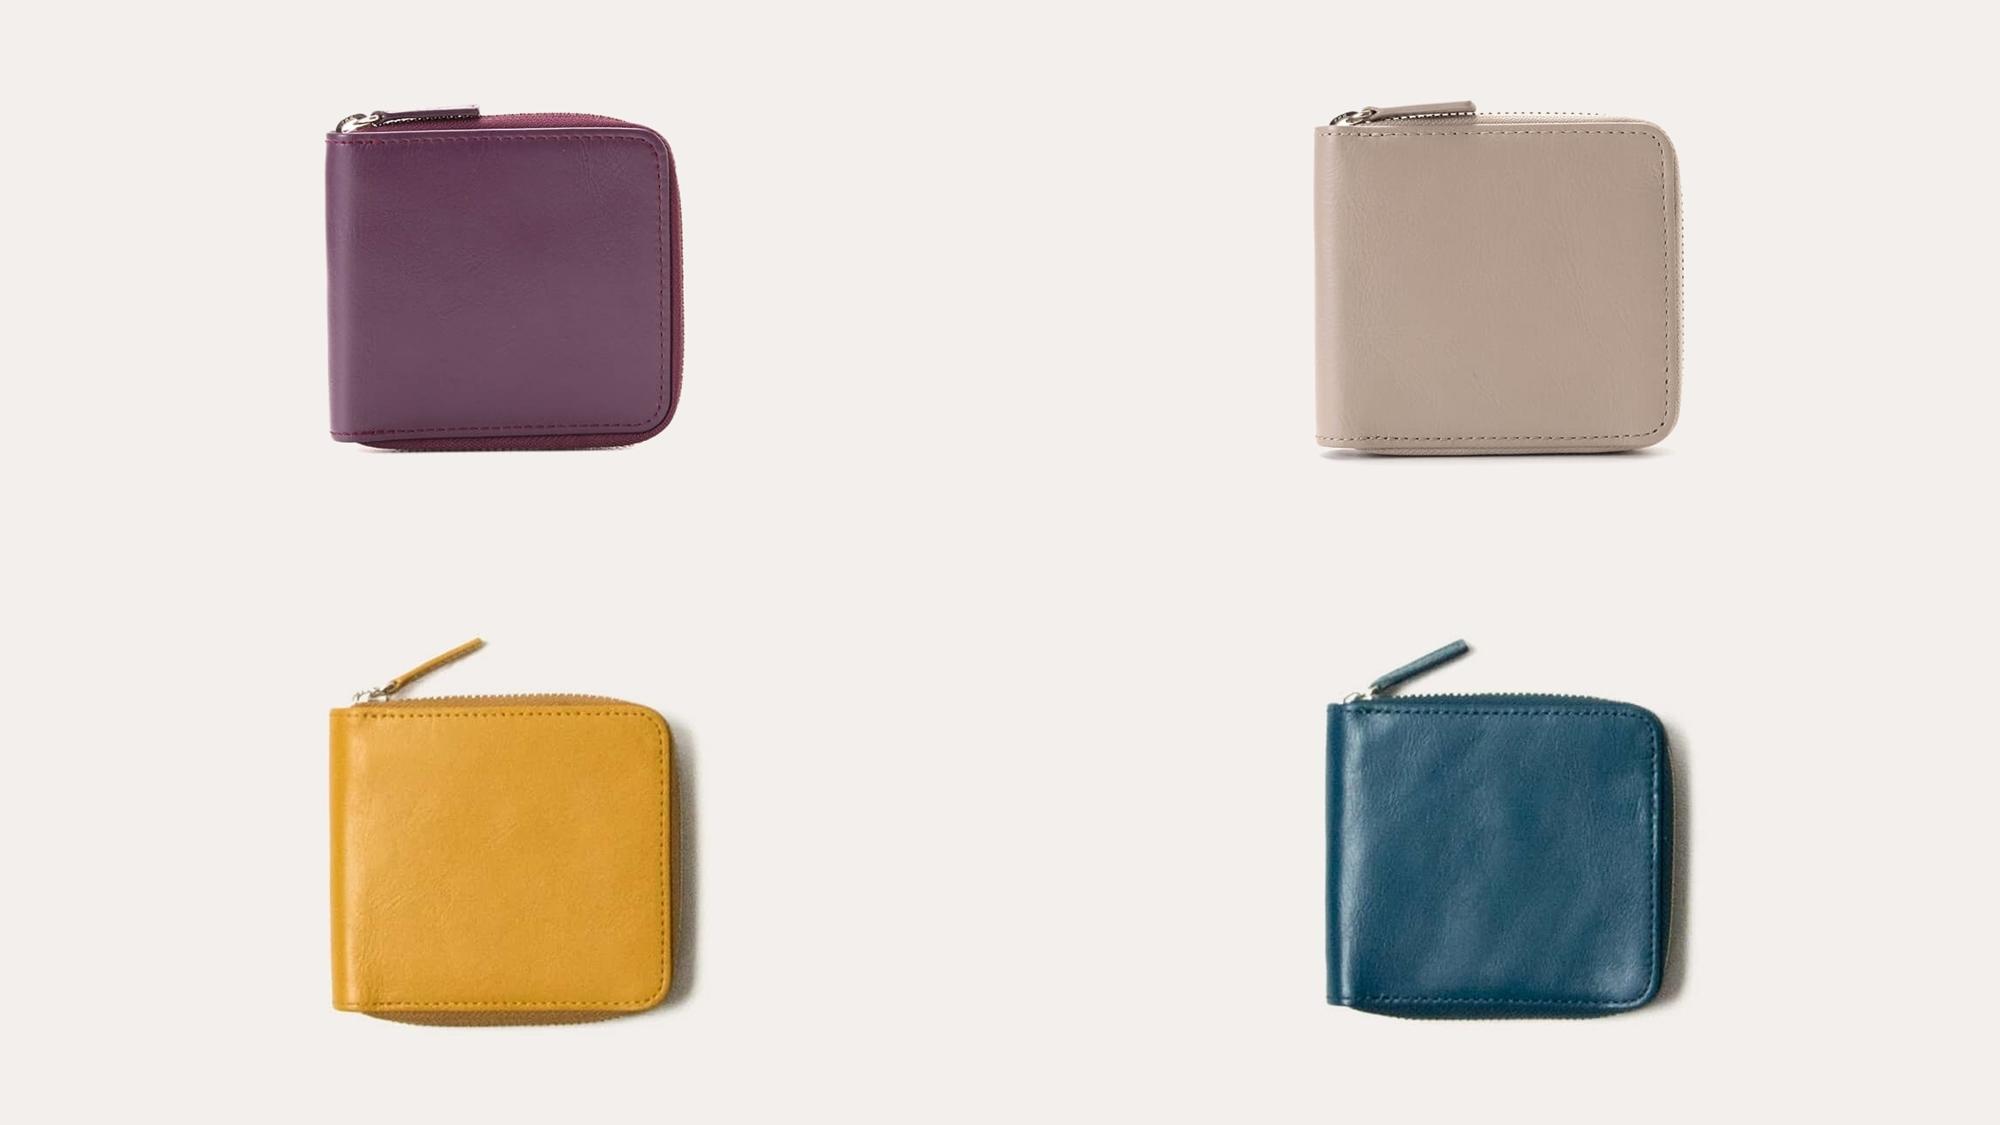 ラウンド二つ折り財布 レディースカラー Business Leather Factory(ビジネスレザーファクトリー)